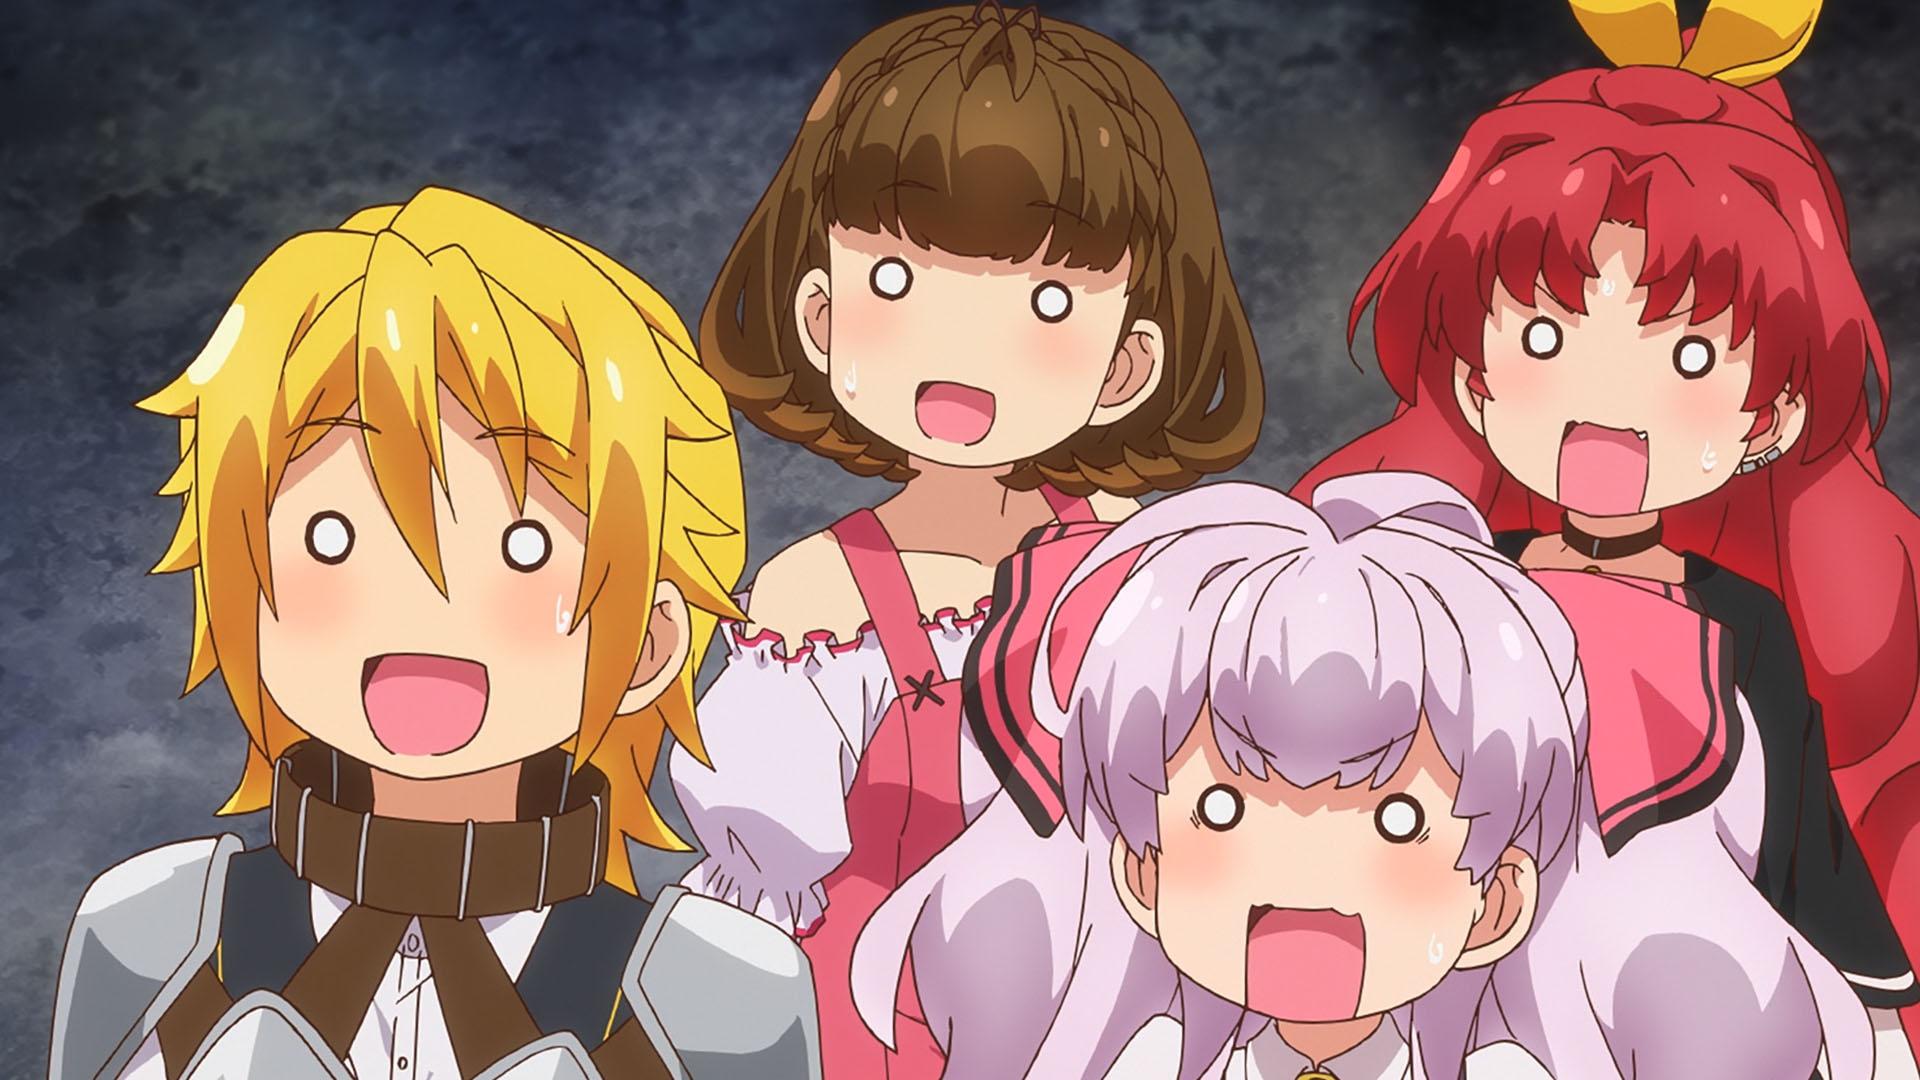 The Final Anime | Watashi, Nouryoku wa Heikinchi de tte Itta yo ne! - Genzai Banzai